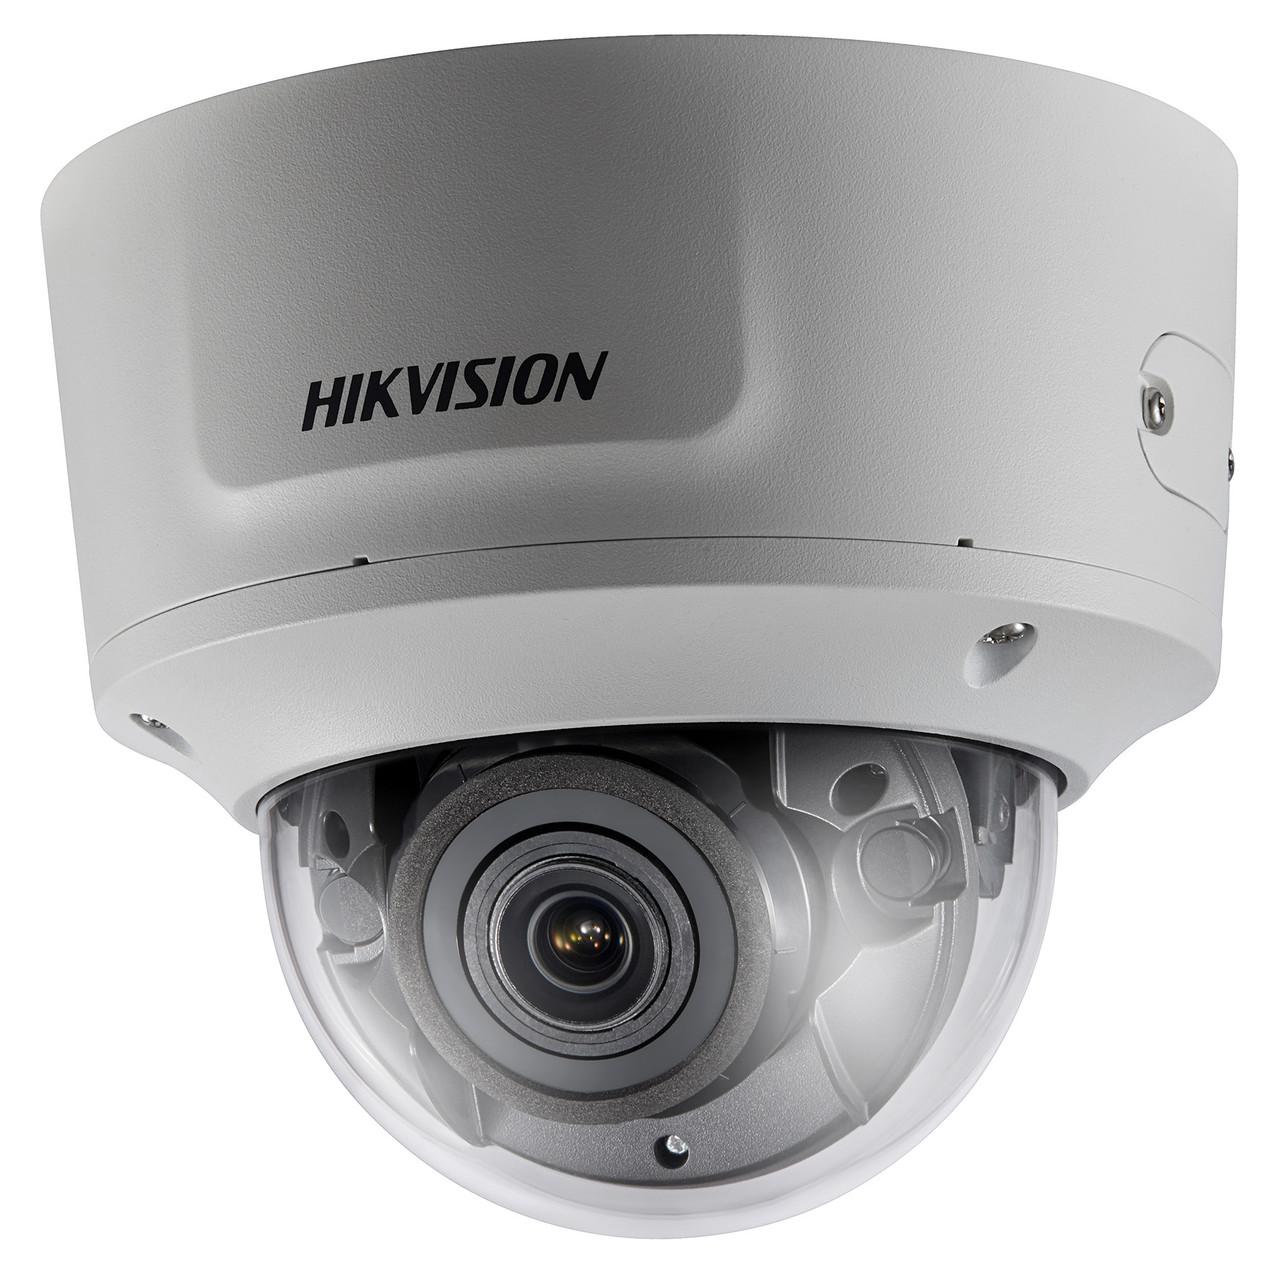 DS-2CD2743G0-IZS - 4MP Уличная варифокальная (моторизованный) антивандальная купольная IP-камера с ИК-подсветкой и поддержкой Аудио/Тревоги.